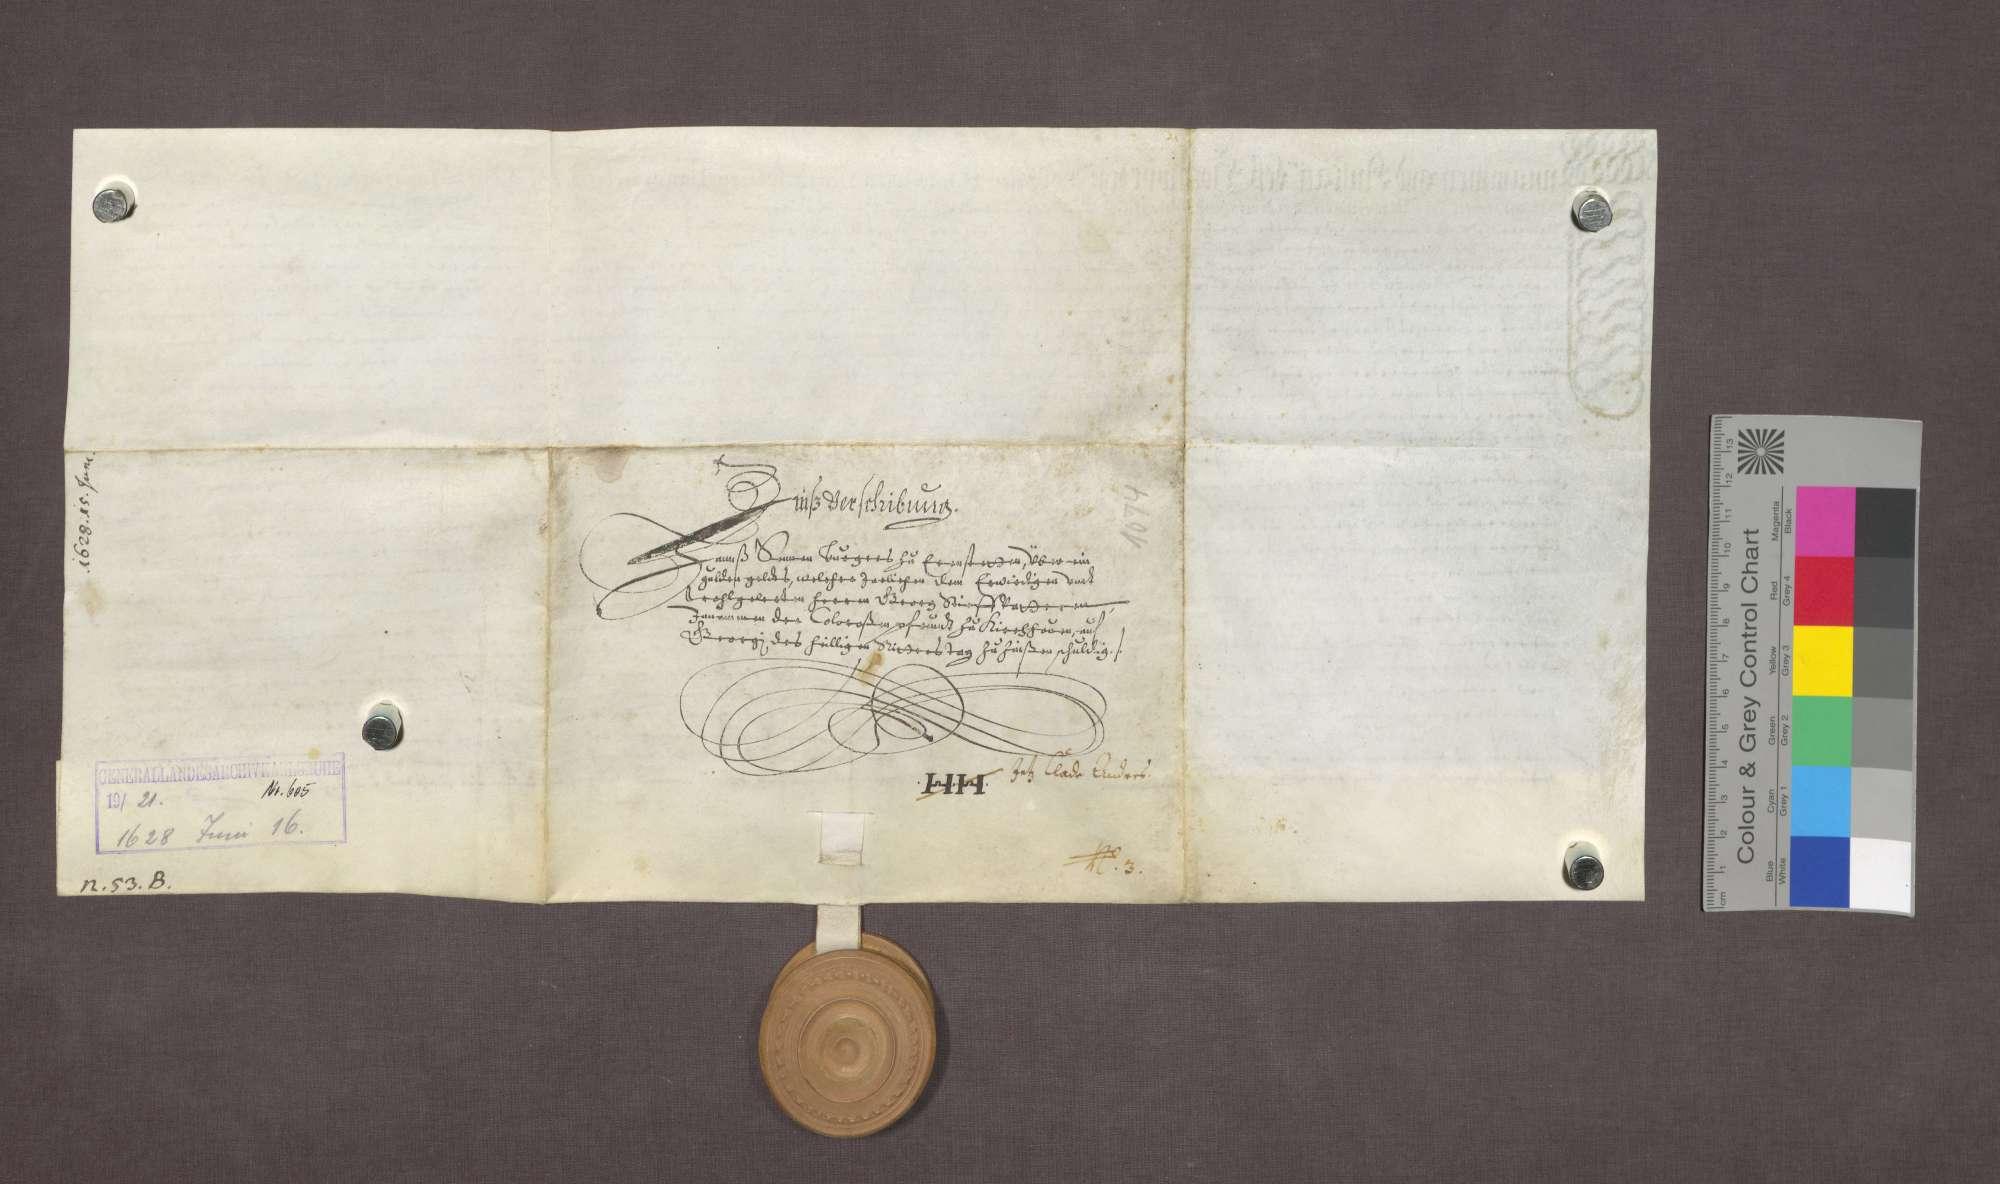 Schuldverschreibung des Hans Senn von Ehrenstetten gegenüber Georg Stiefvater, Kaplan in Kirchhofen., Bild 2